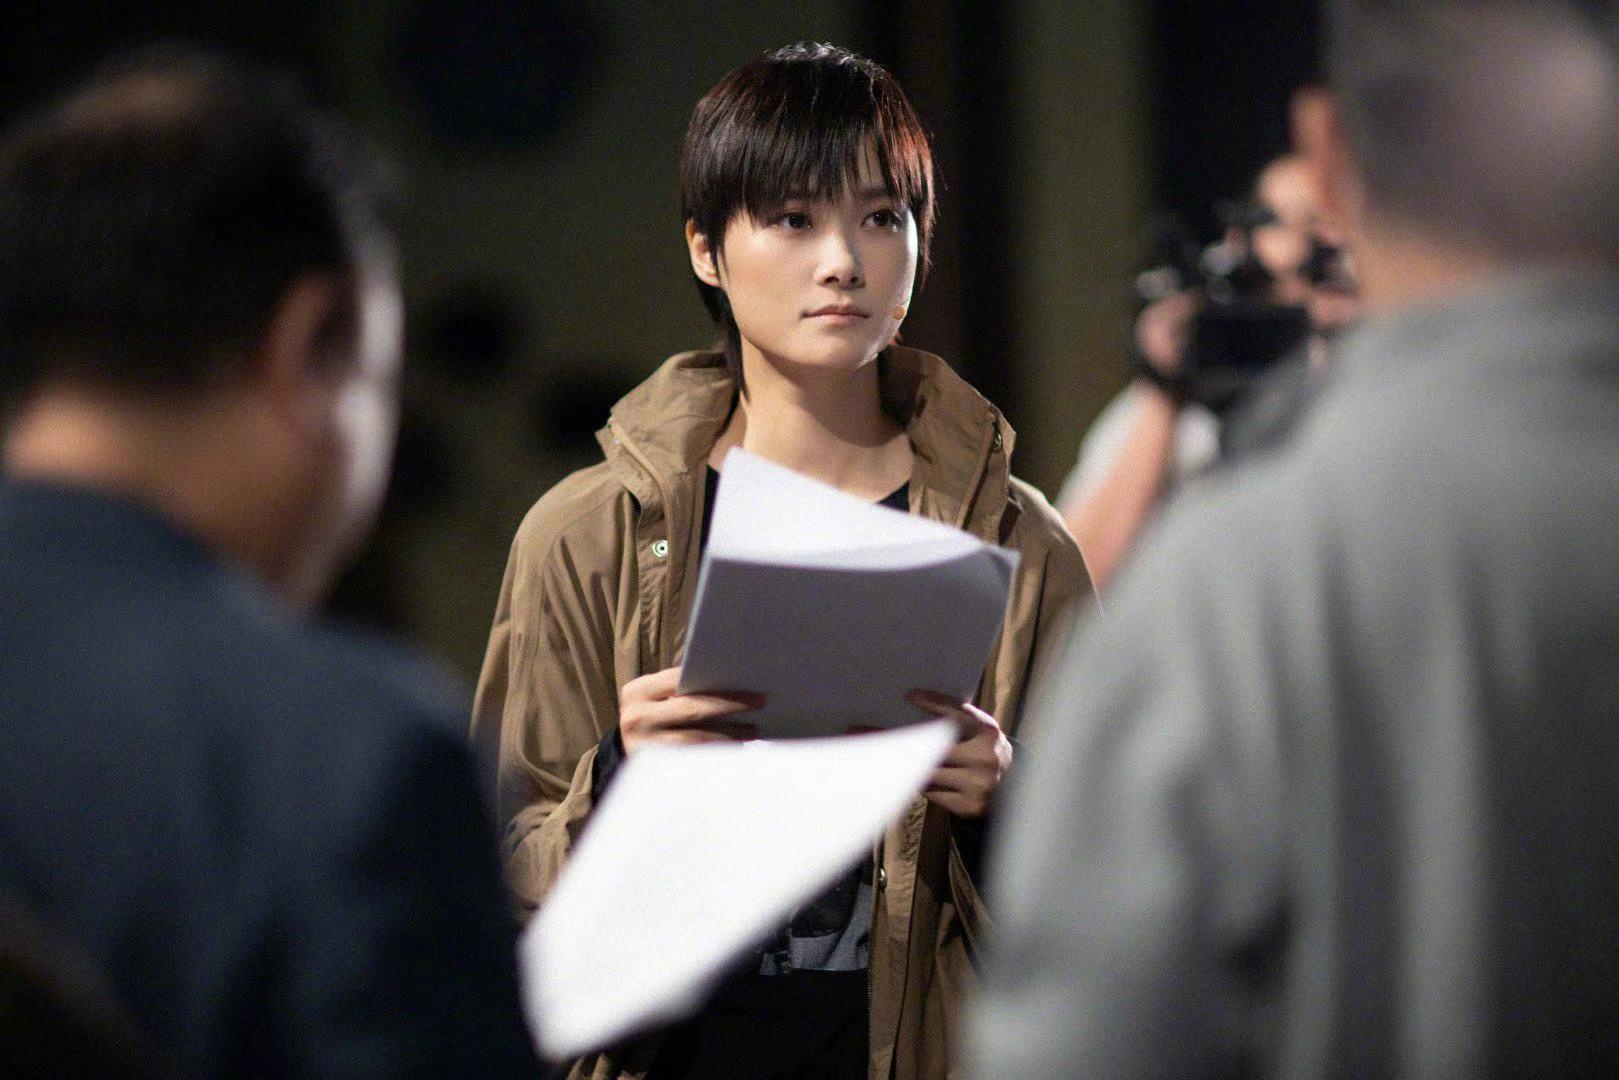 李宇春排练剧本深夜未眠,眼神杀演技炸裂,让人忘记原来她是歌手